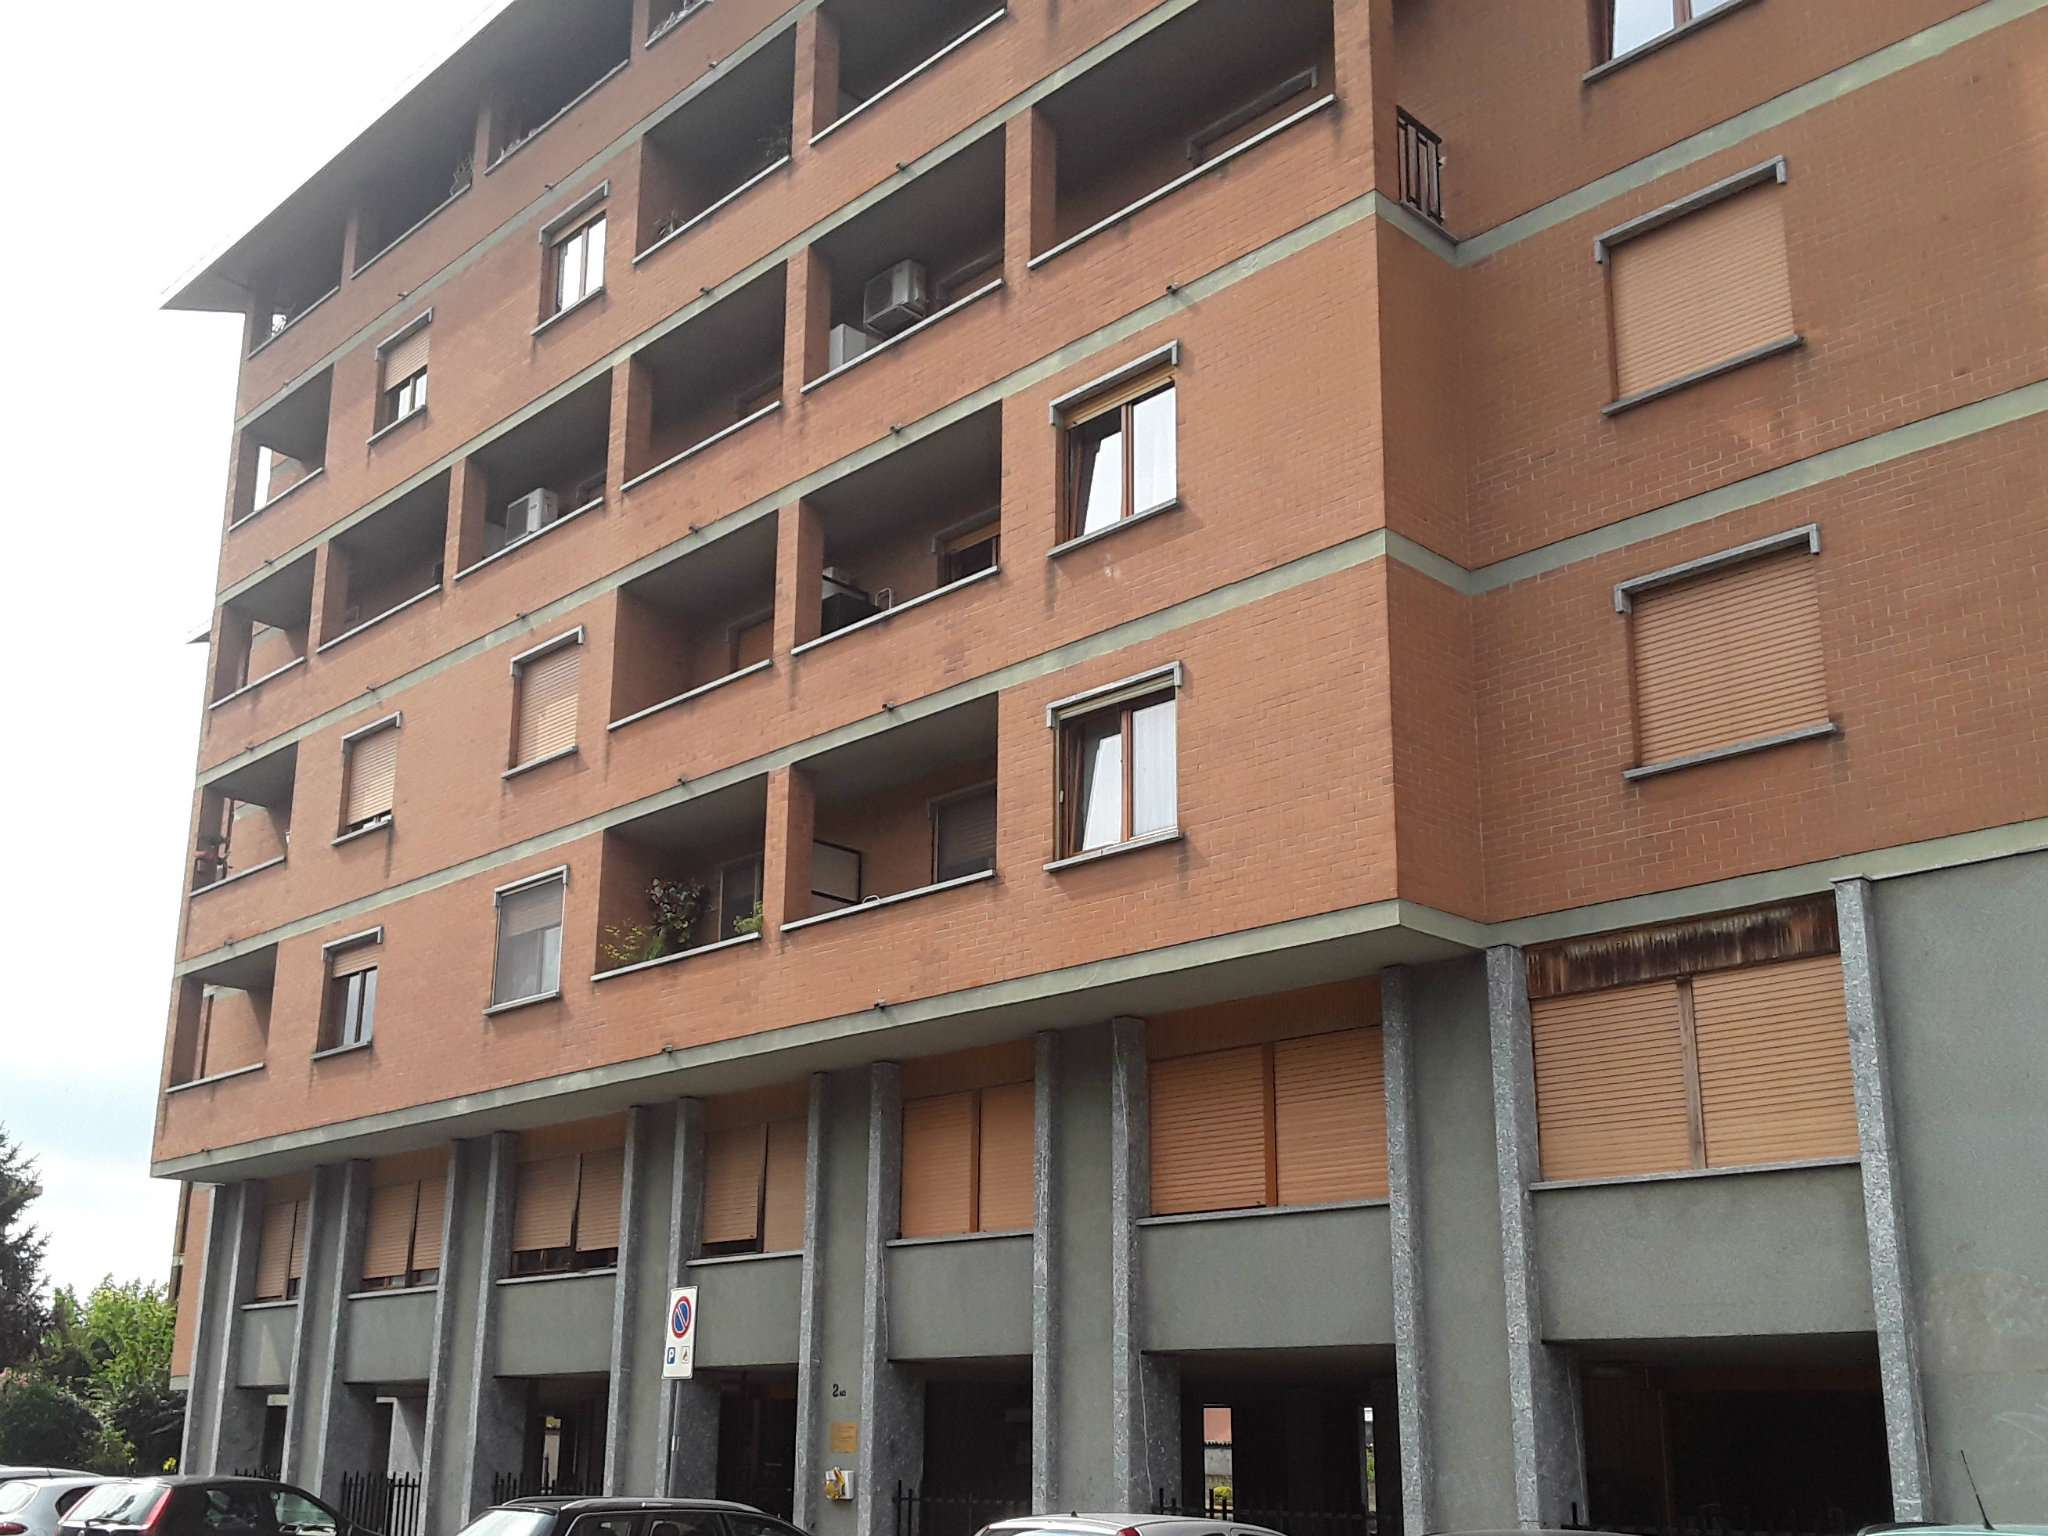 Appartamento in vendita a Settimo Torinese, 3 locali, prezzo € 170.000 | CambioCasa.it